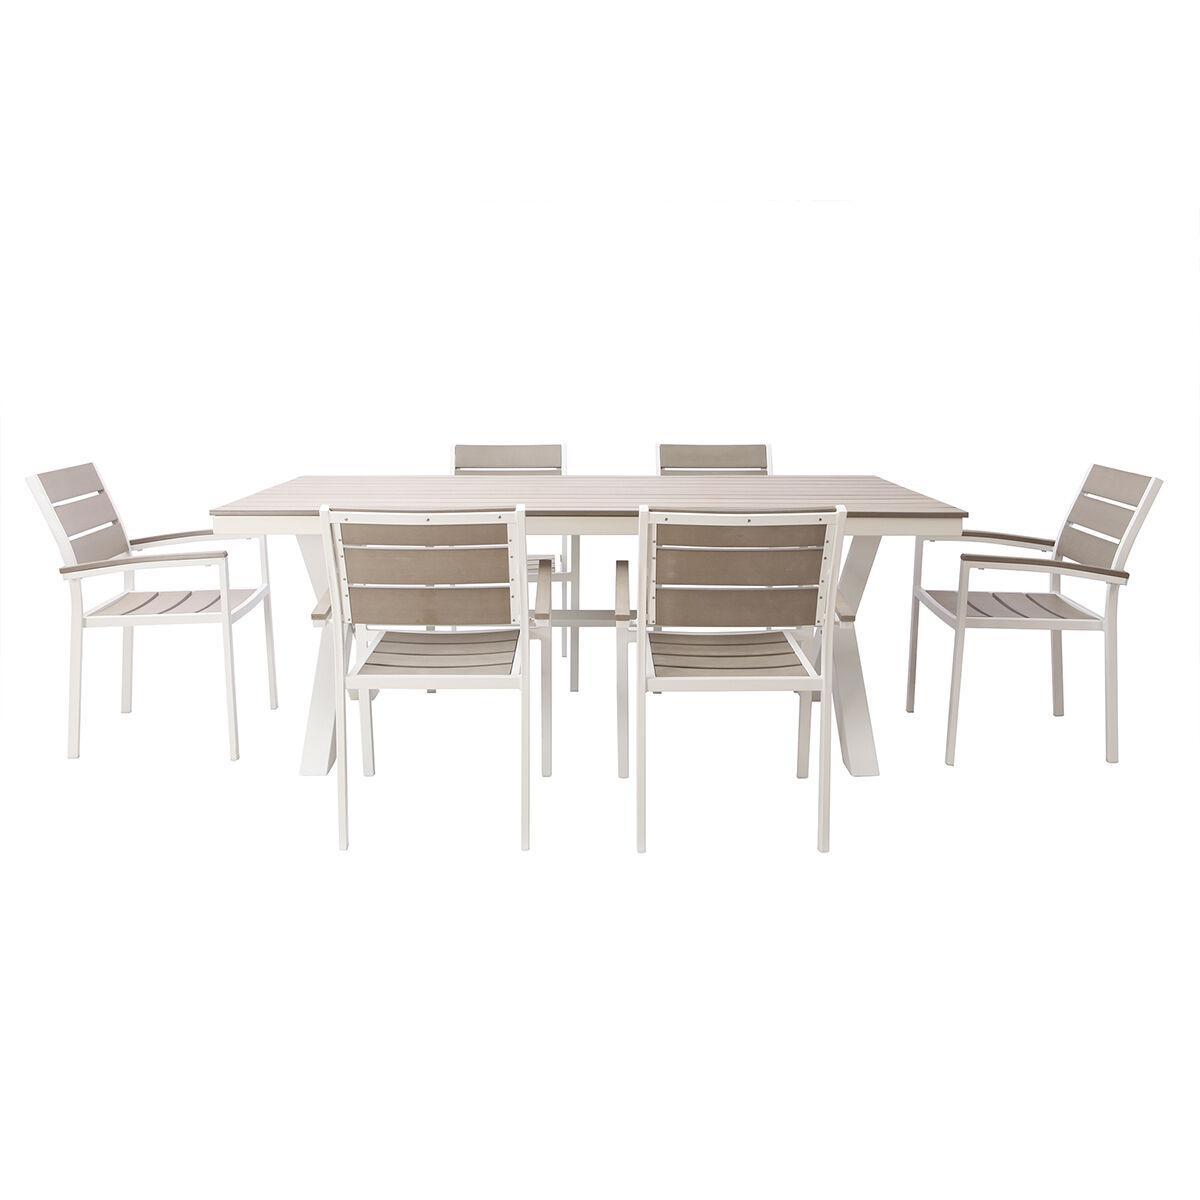 Miliboo Salon de jardin avec table et 6 chaises en métal blanc et bois gris VIAGGIO